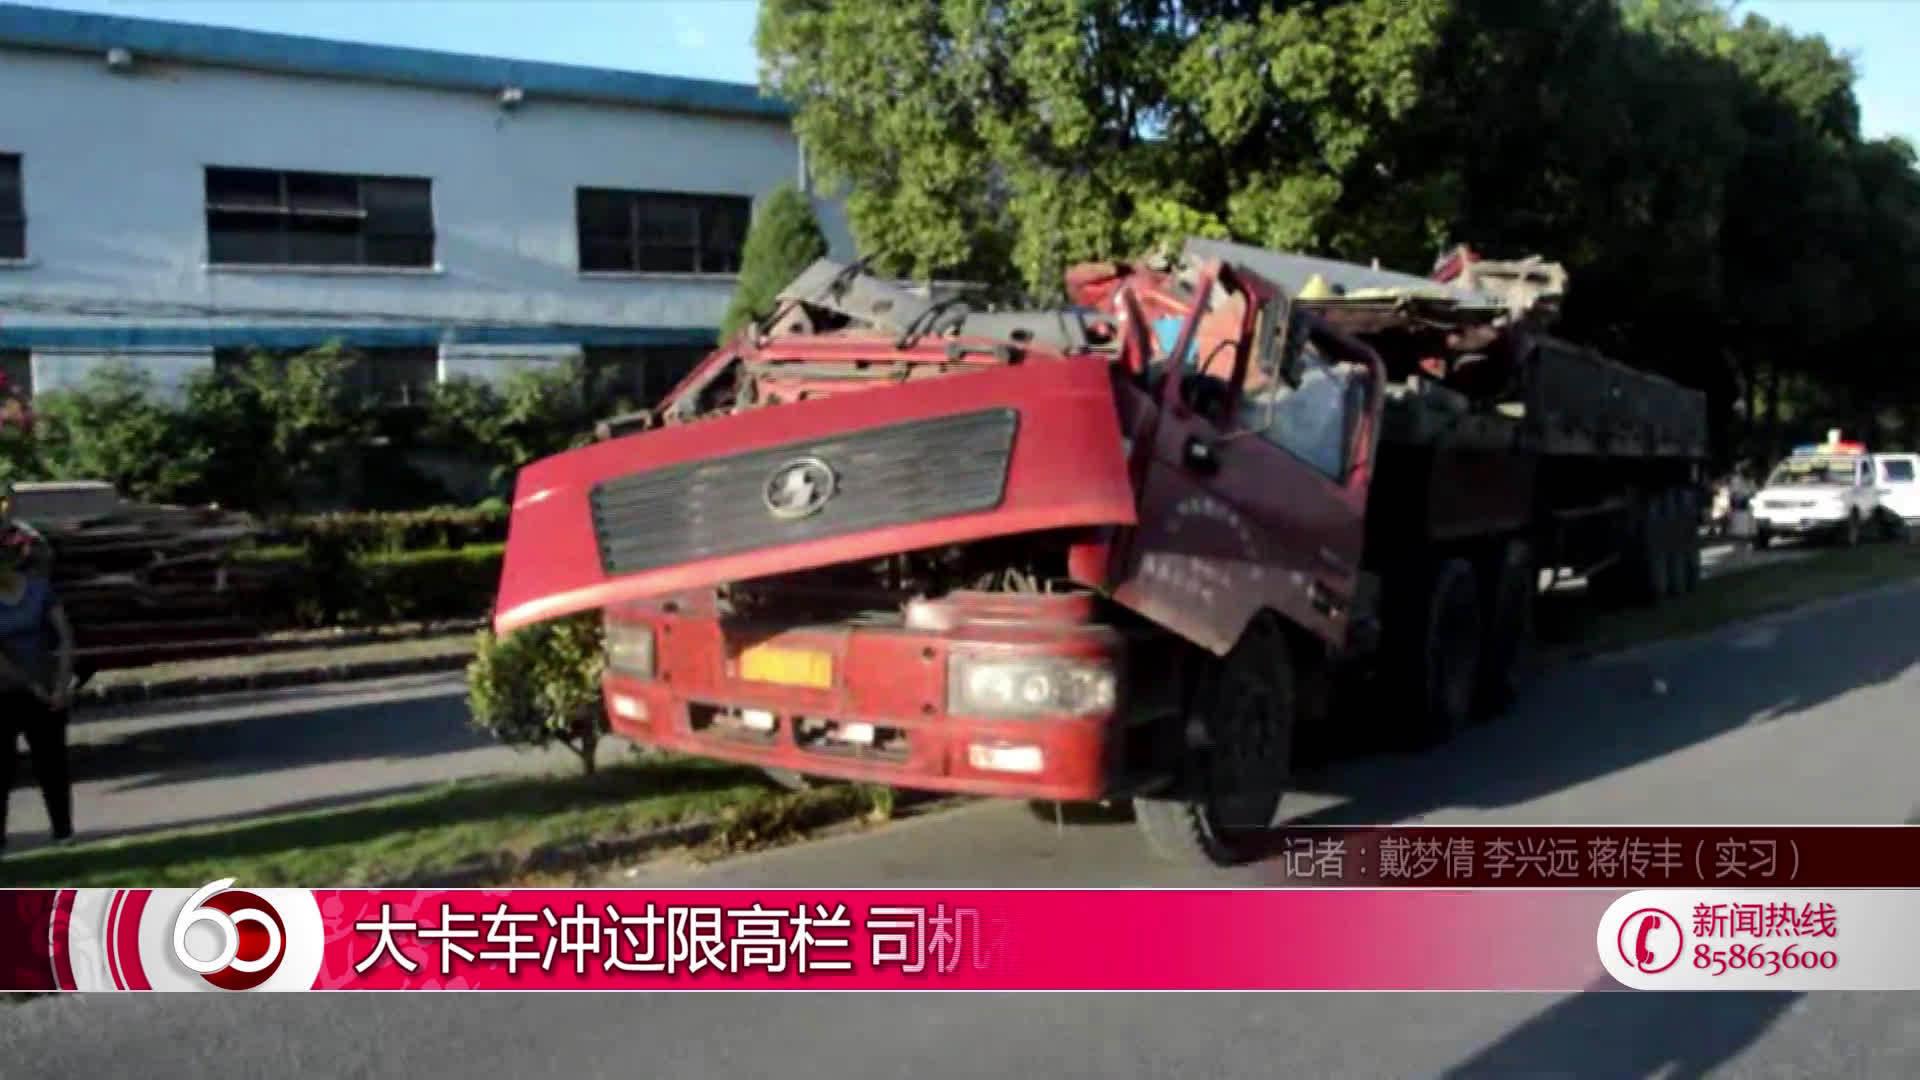 卡车冲过限高栏 车顶被掀 司机当场身亡……